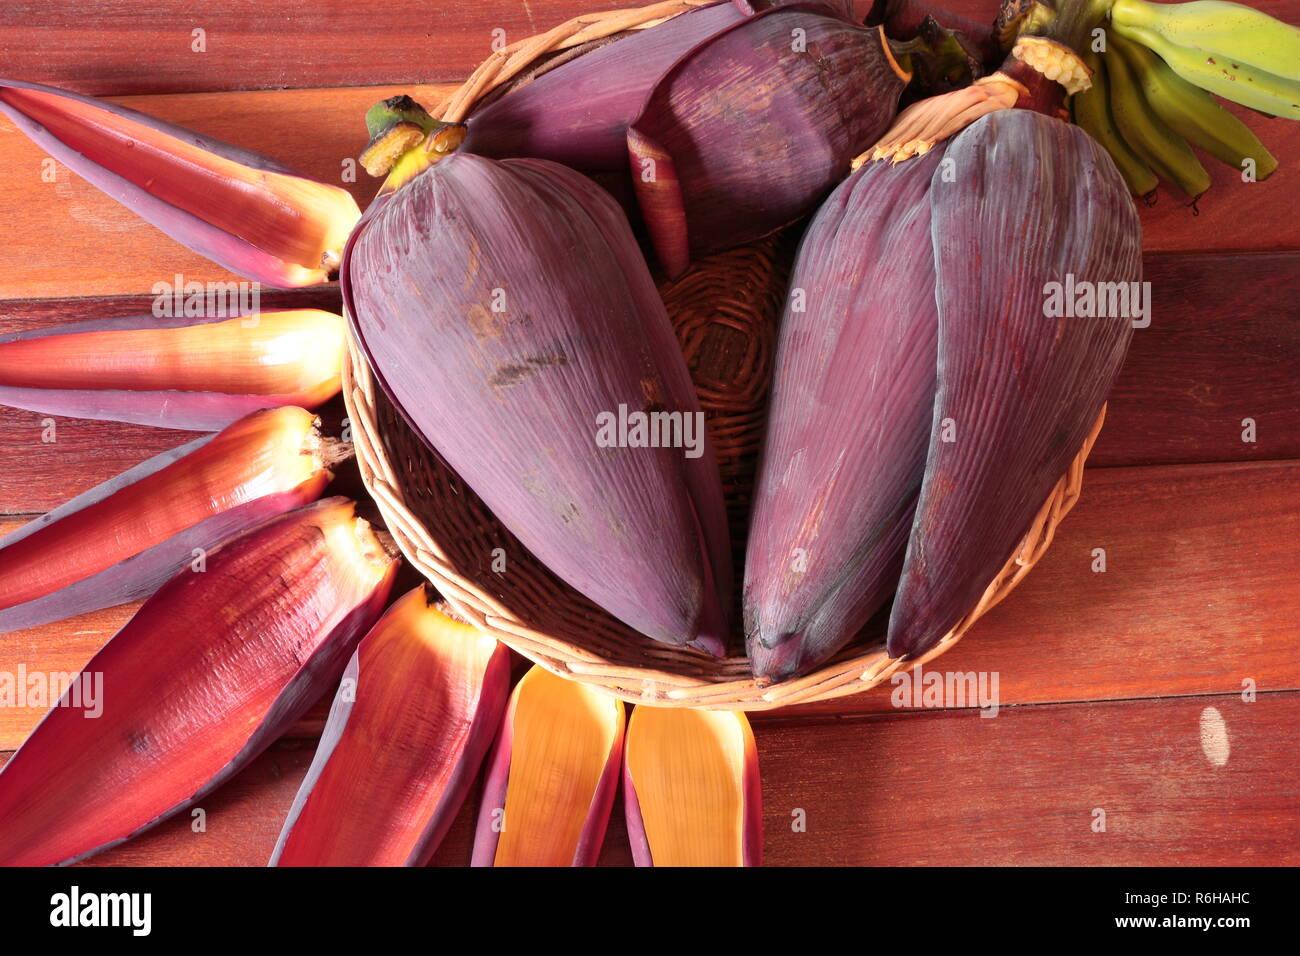 Non Edible Plants Stock Photos Non Edible Plants Stock Images